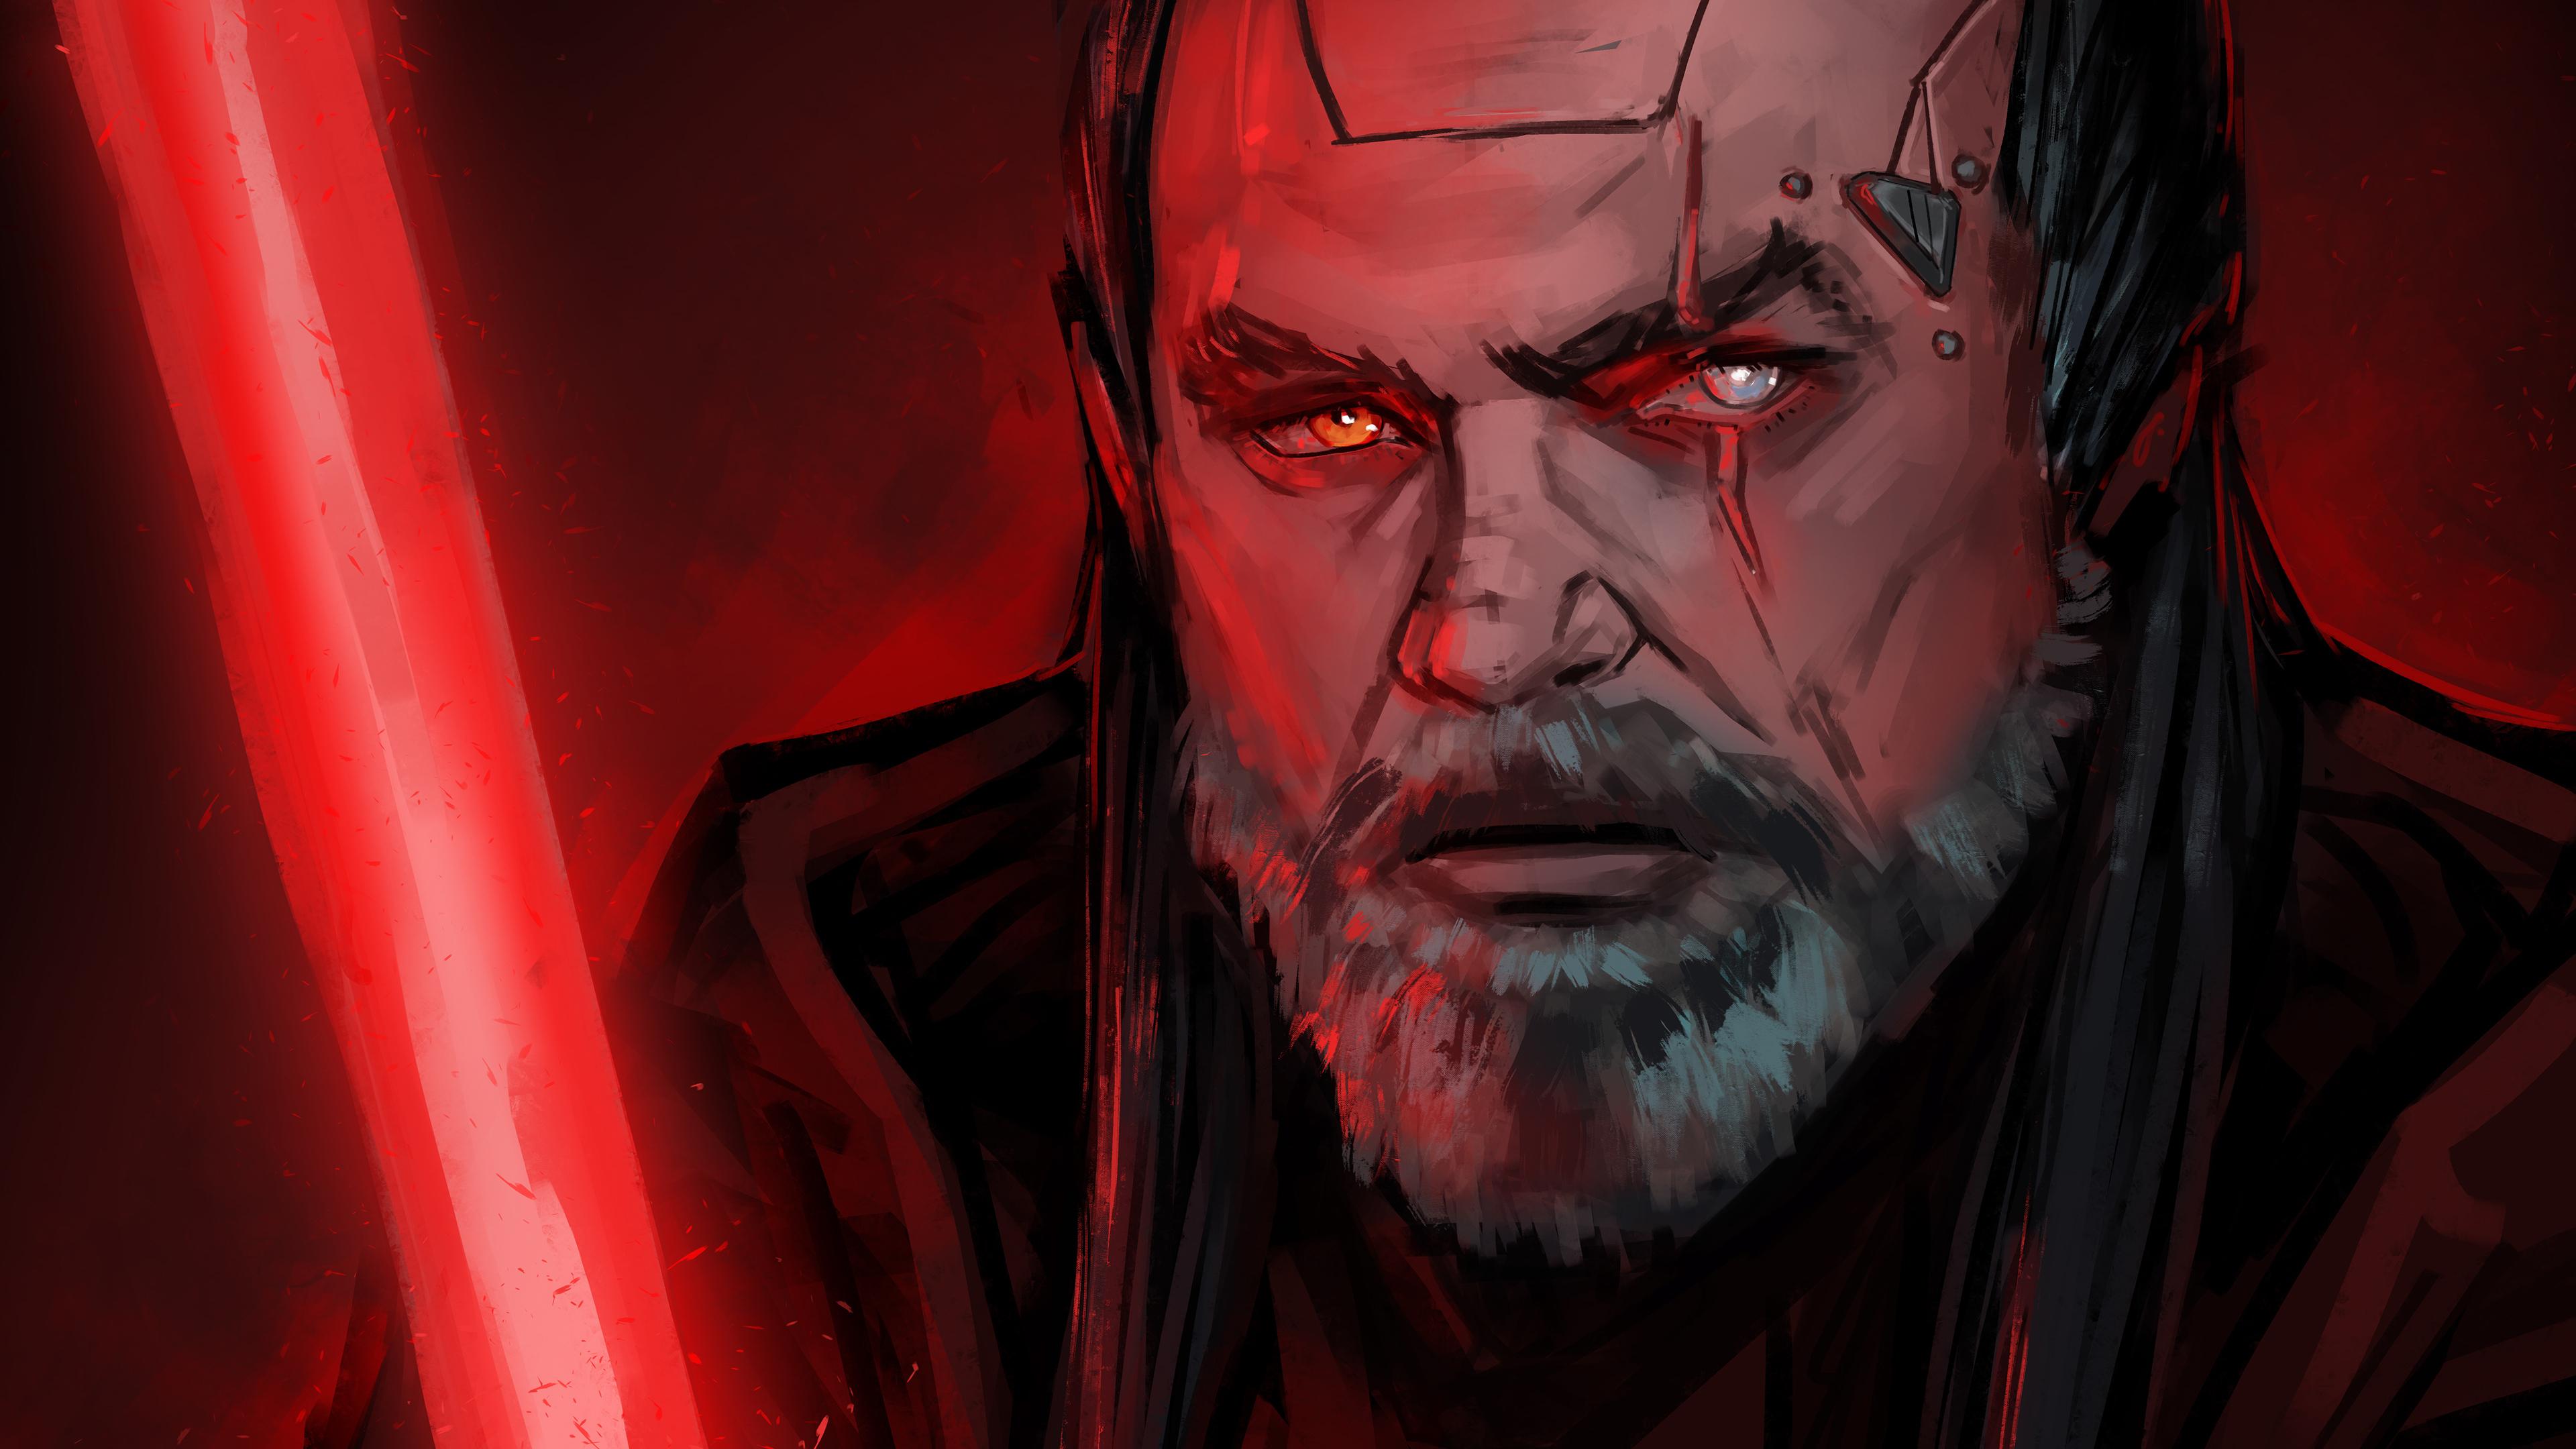 Star Wars Desktop Wallpaper Luke Skywalker 3840x2160 Wallpaper Teahub Io